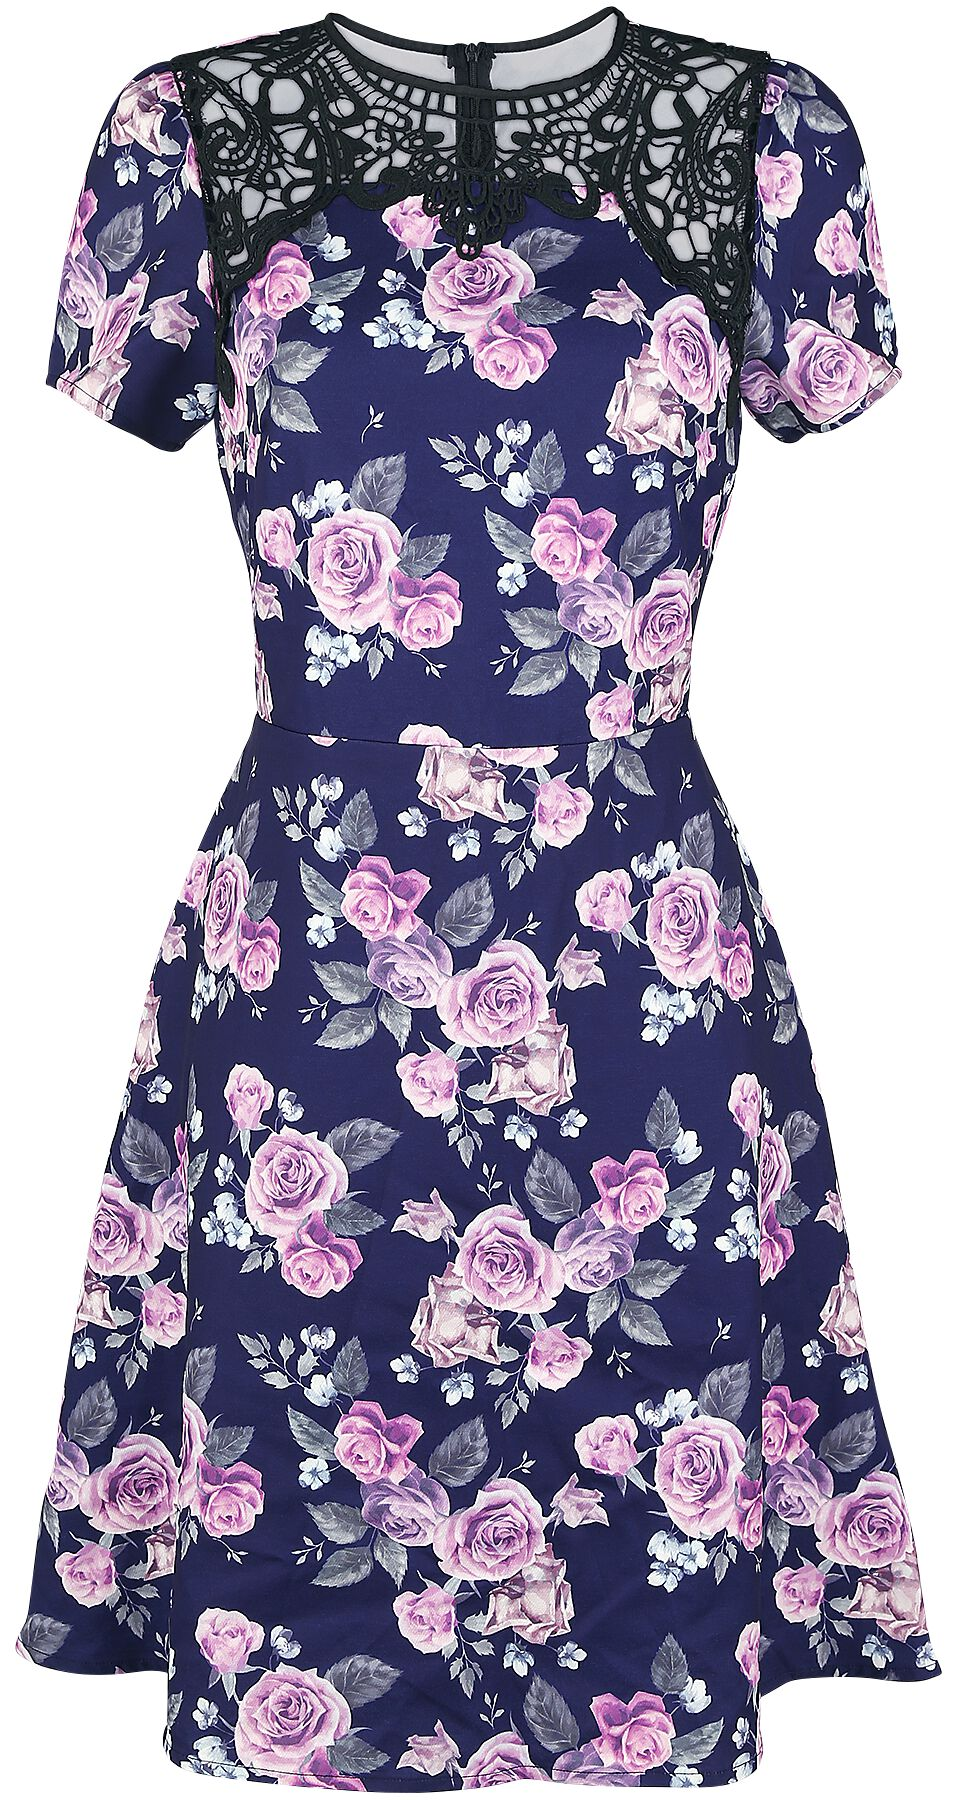 Fashion Victim Blumenkleid Kleid multicolor